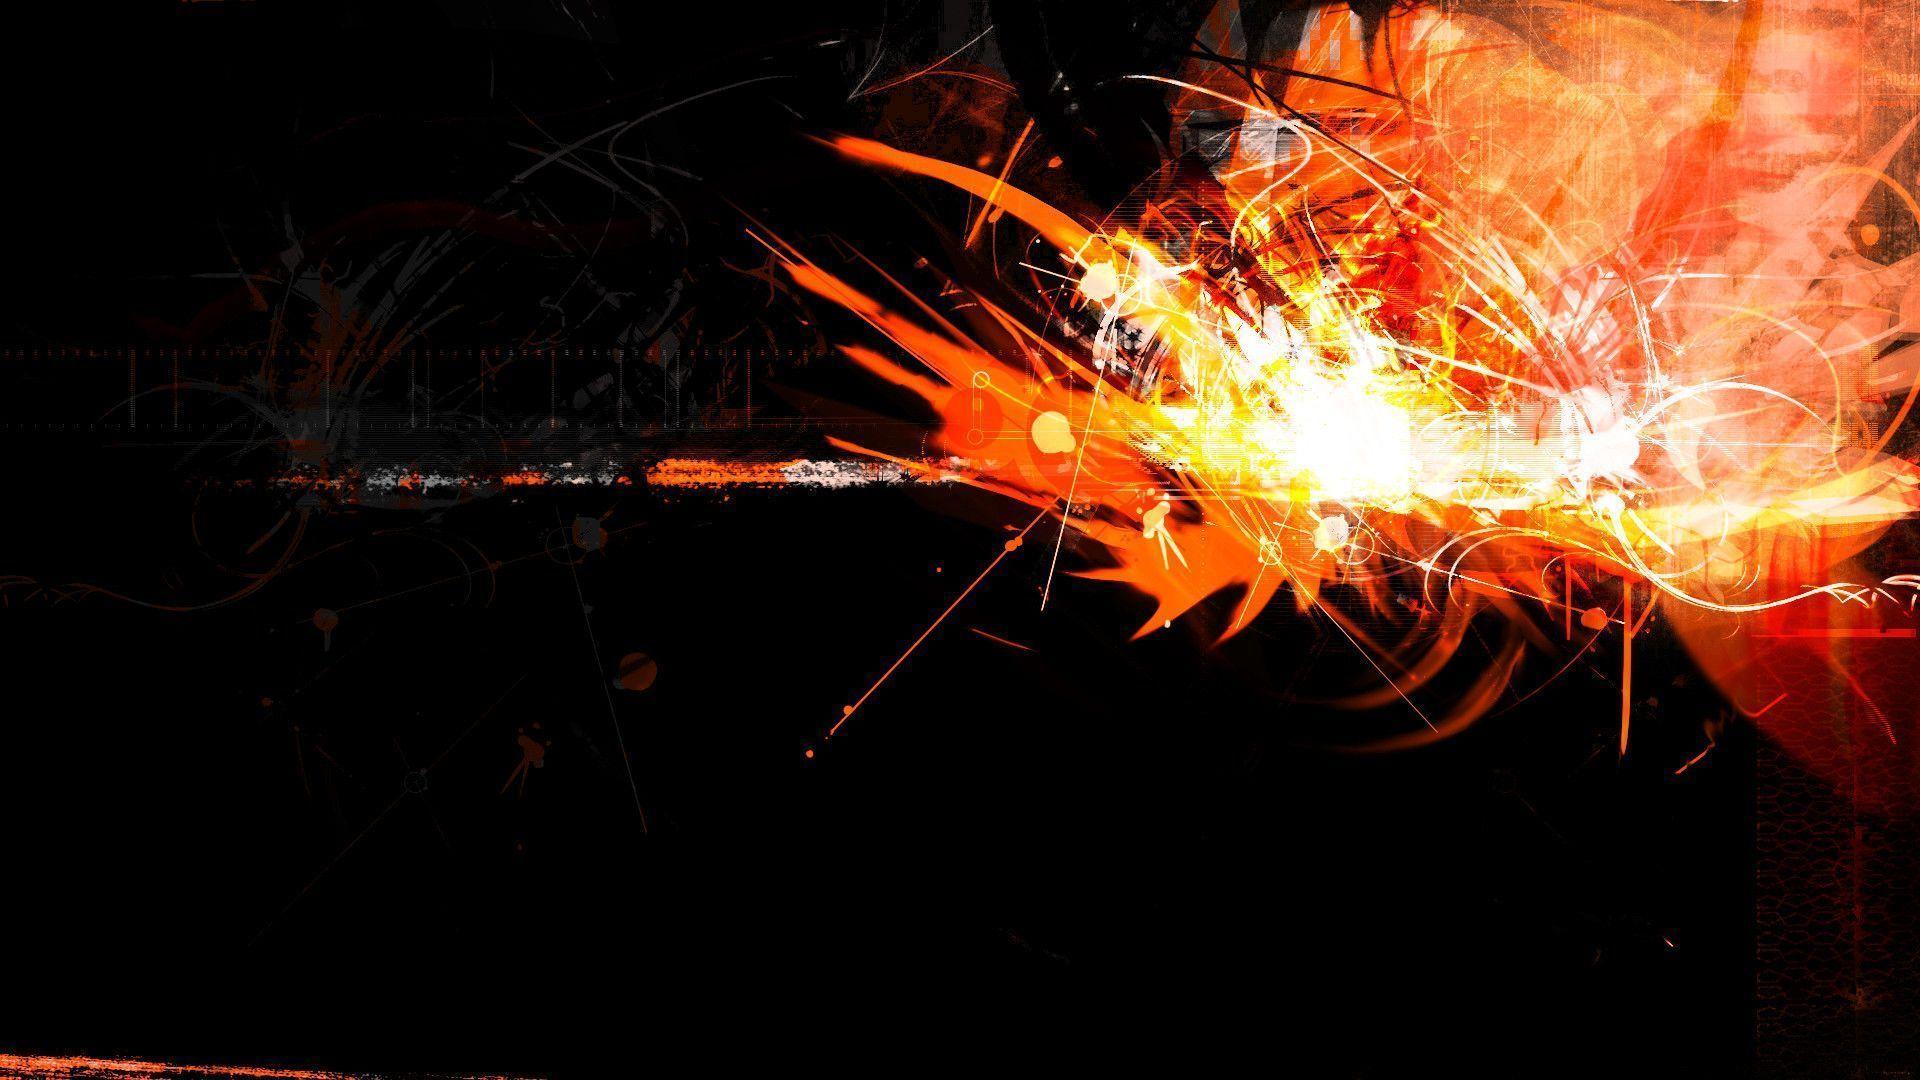 Abstract Wallpaper 1920X1080 wallpaper   579848 1920x1080